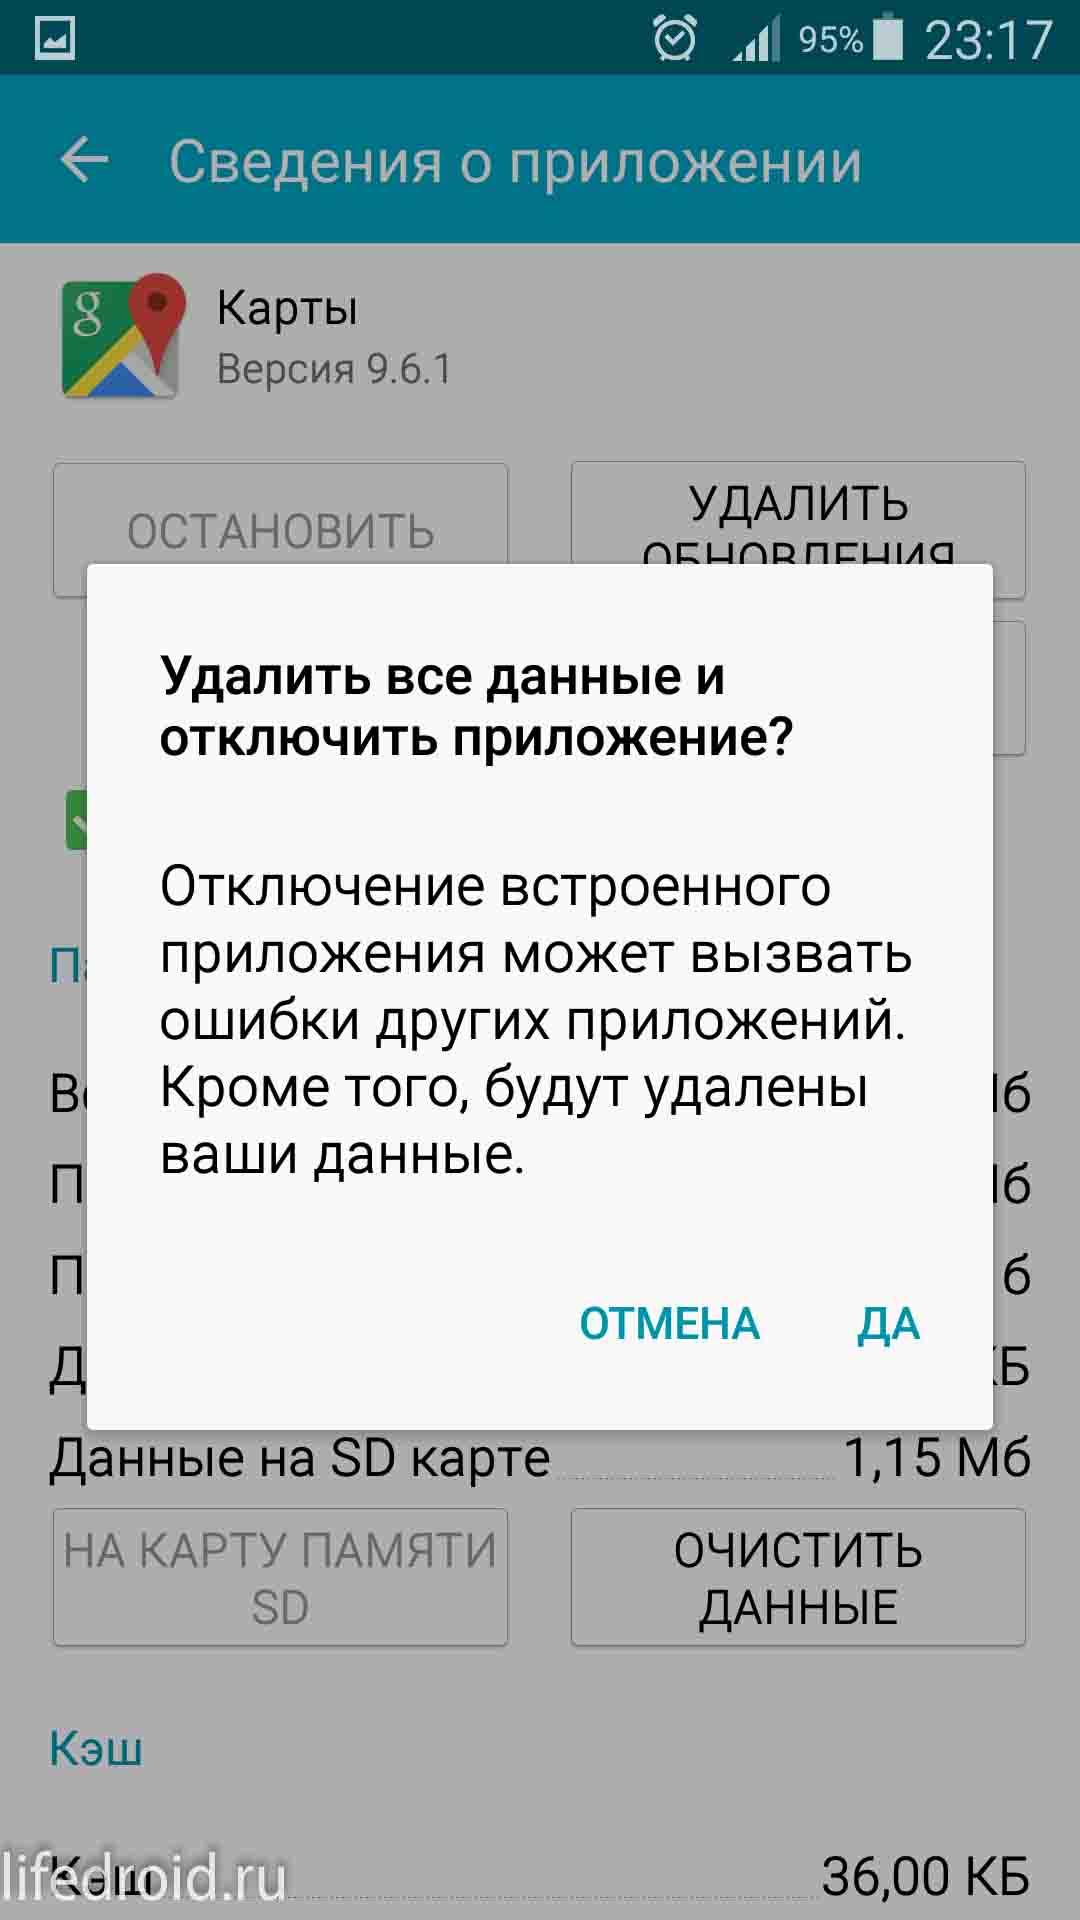 Удаление данных приложения